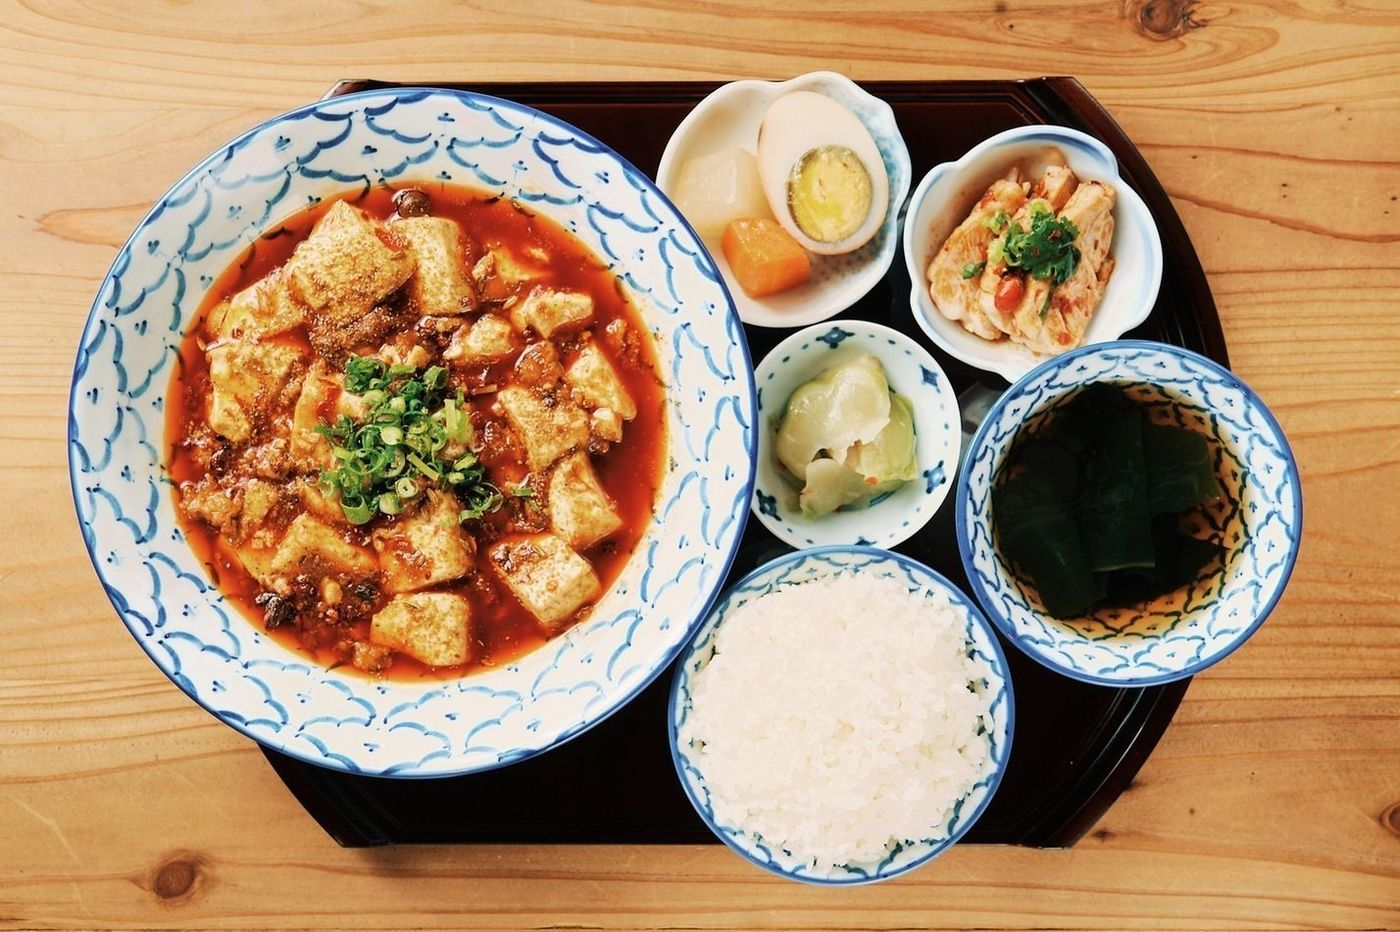 難波で定食を食べるならここ!安くて美味しい9店をご紹介◎の画像